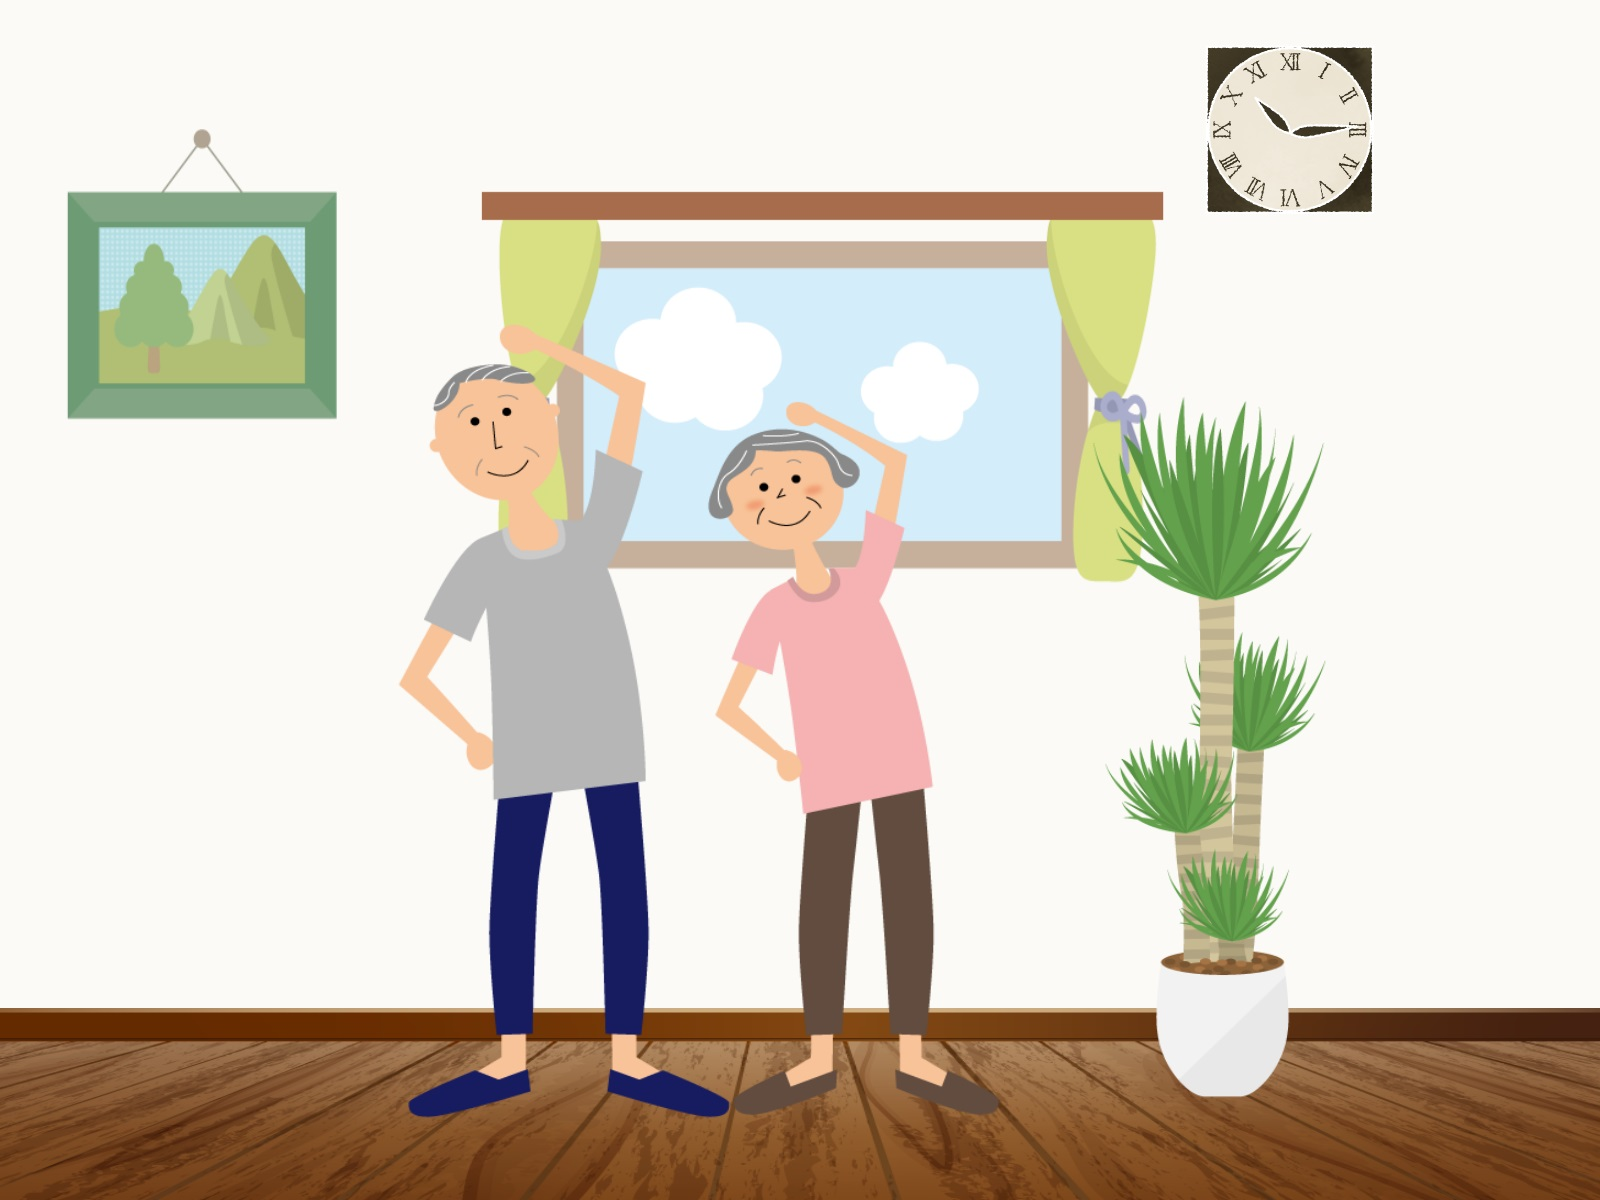 リビングで体操をしている老夫婦のイラスト